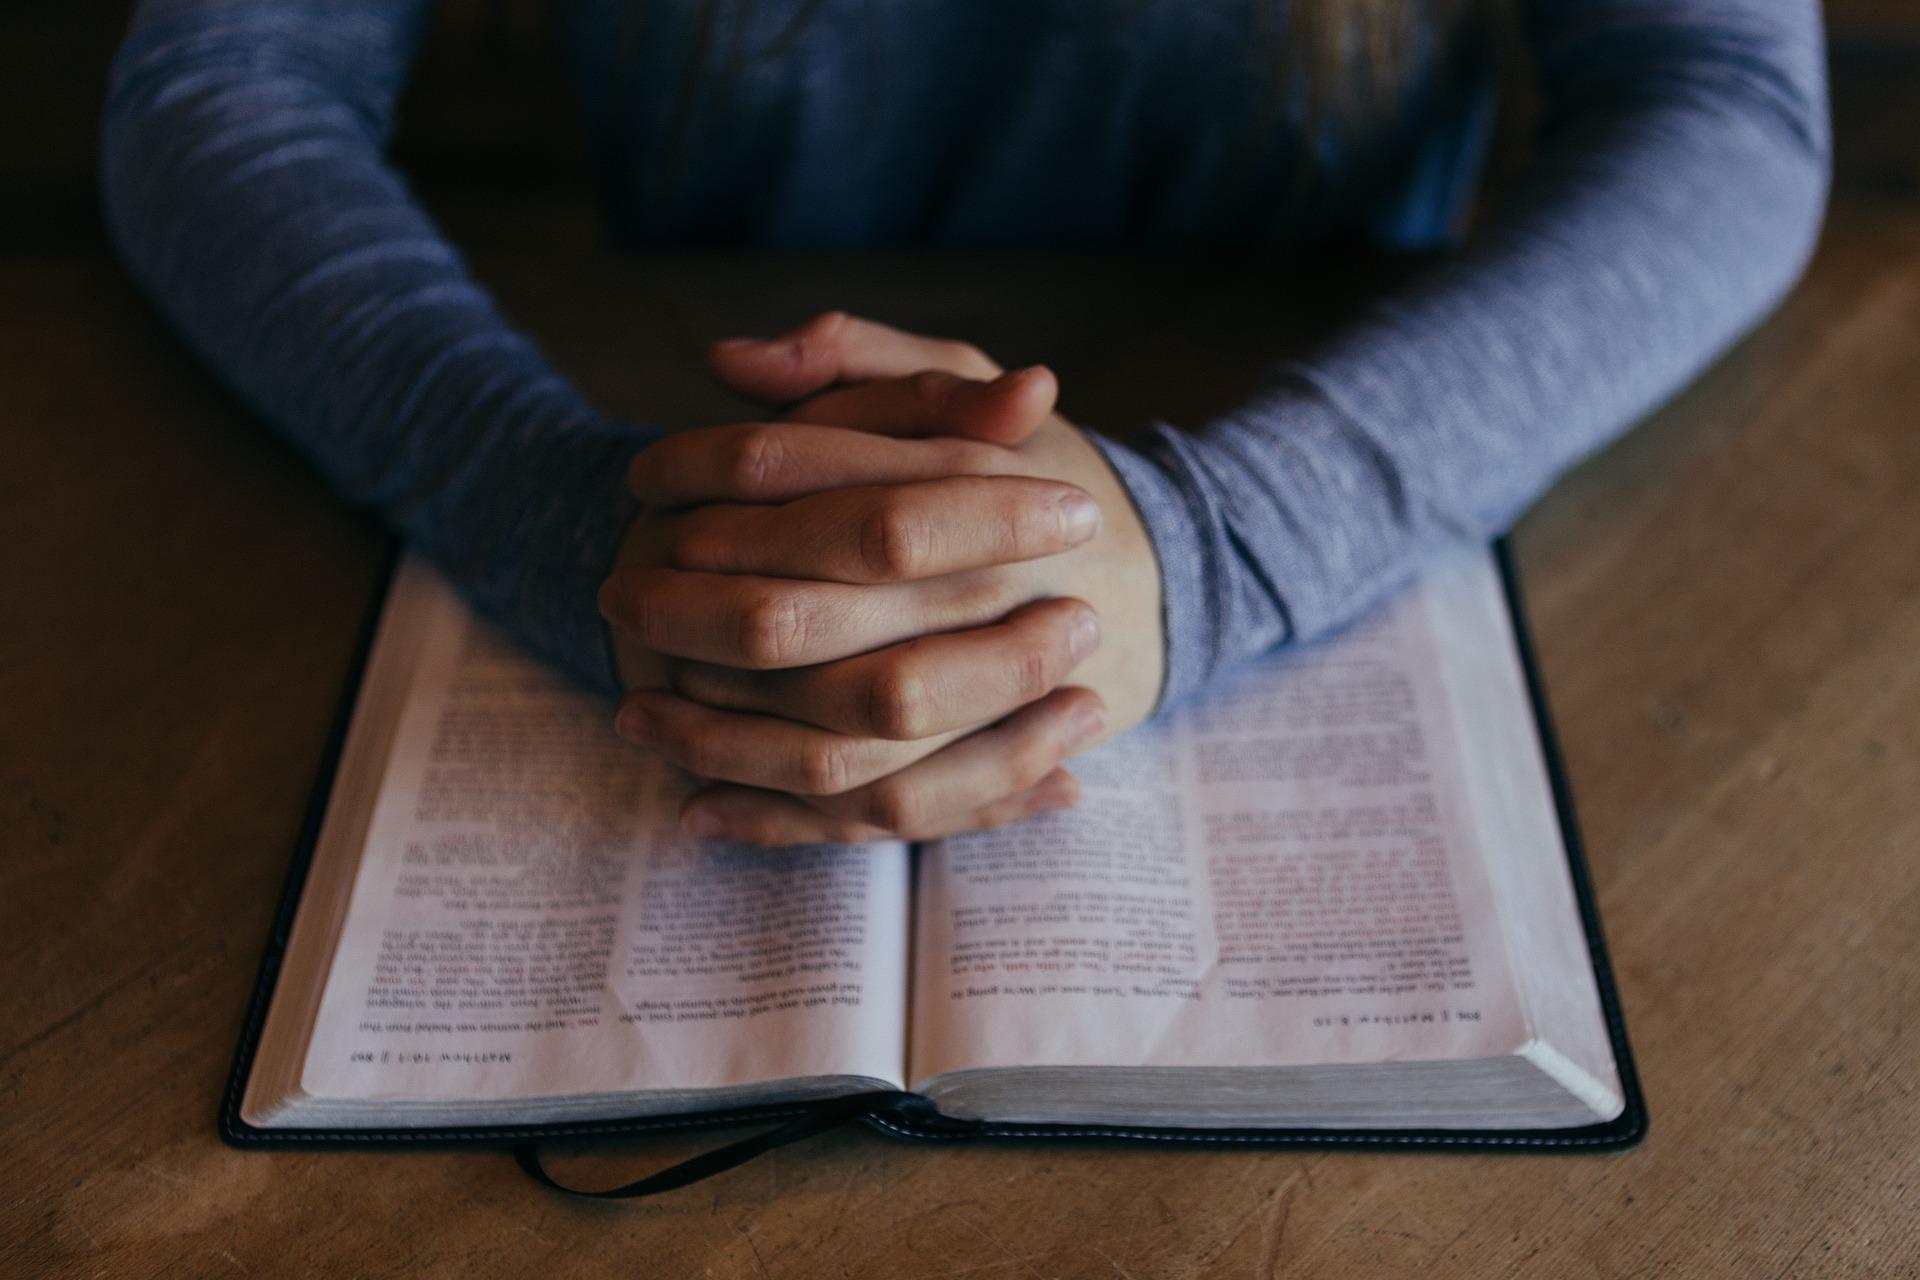 Bibelteilen dienstags 19 Uhr